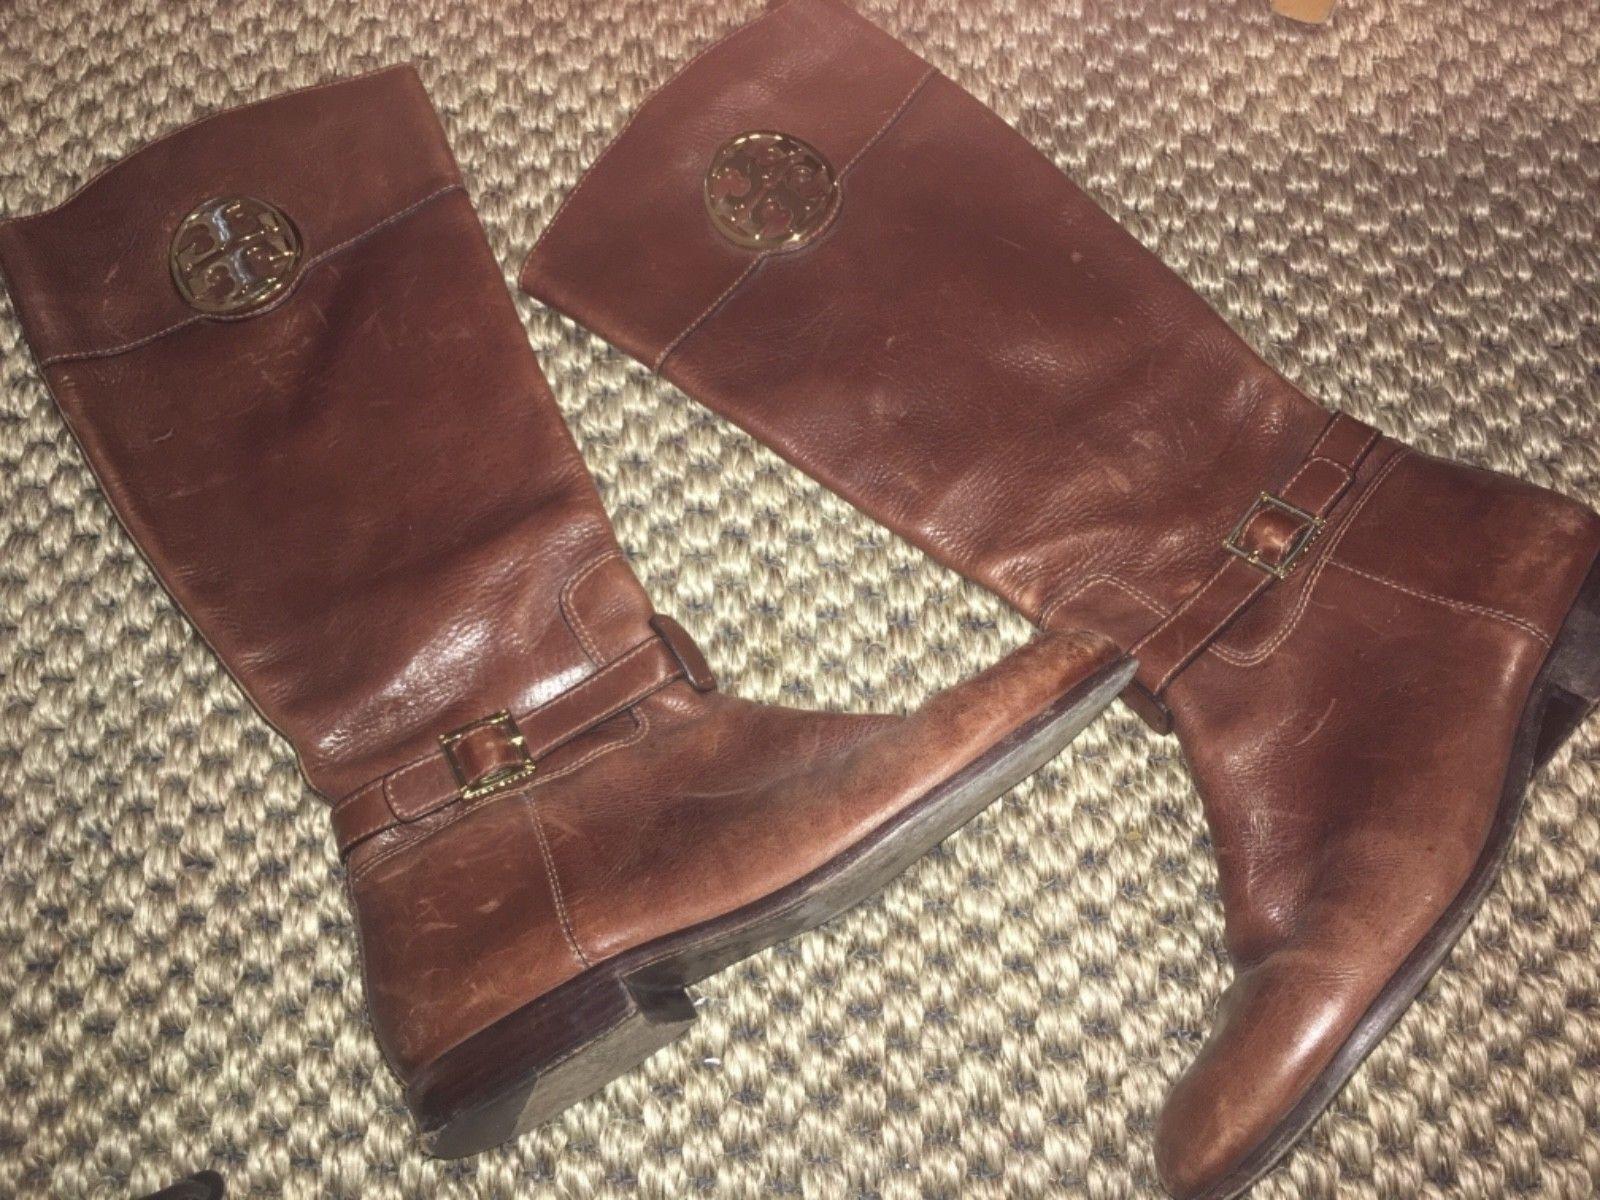 Tory Burch Para mujeres Cuero Marrón botas altas talla talla talla 9.5M  popular